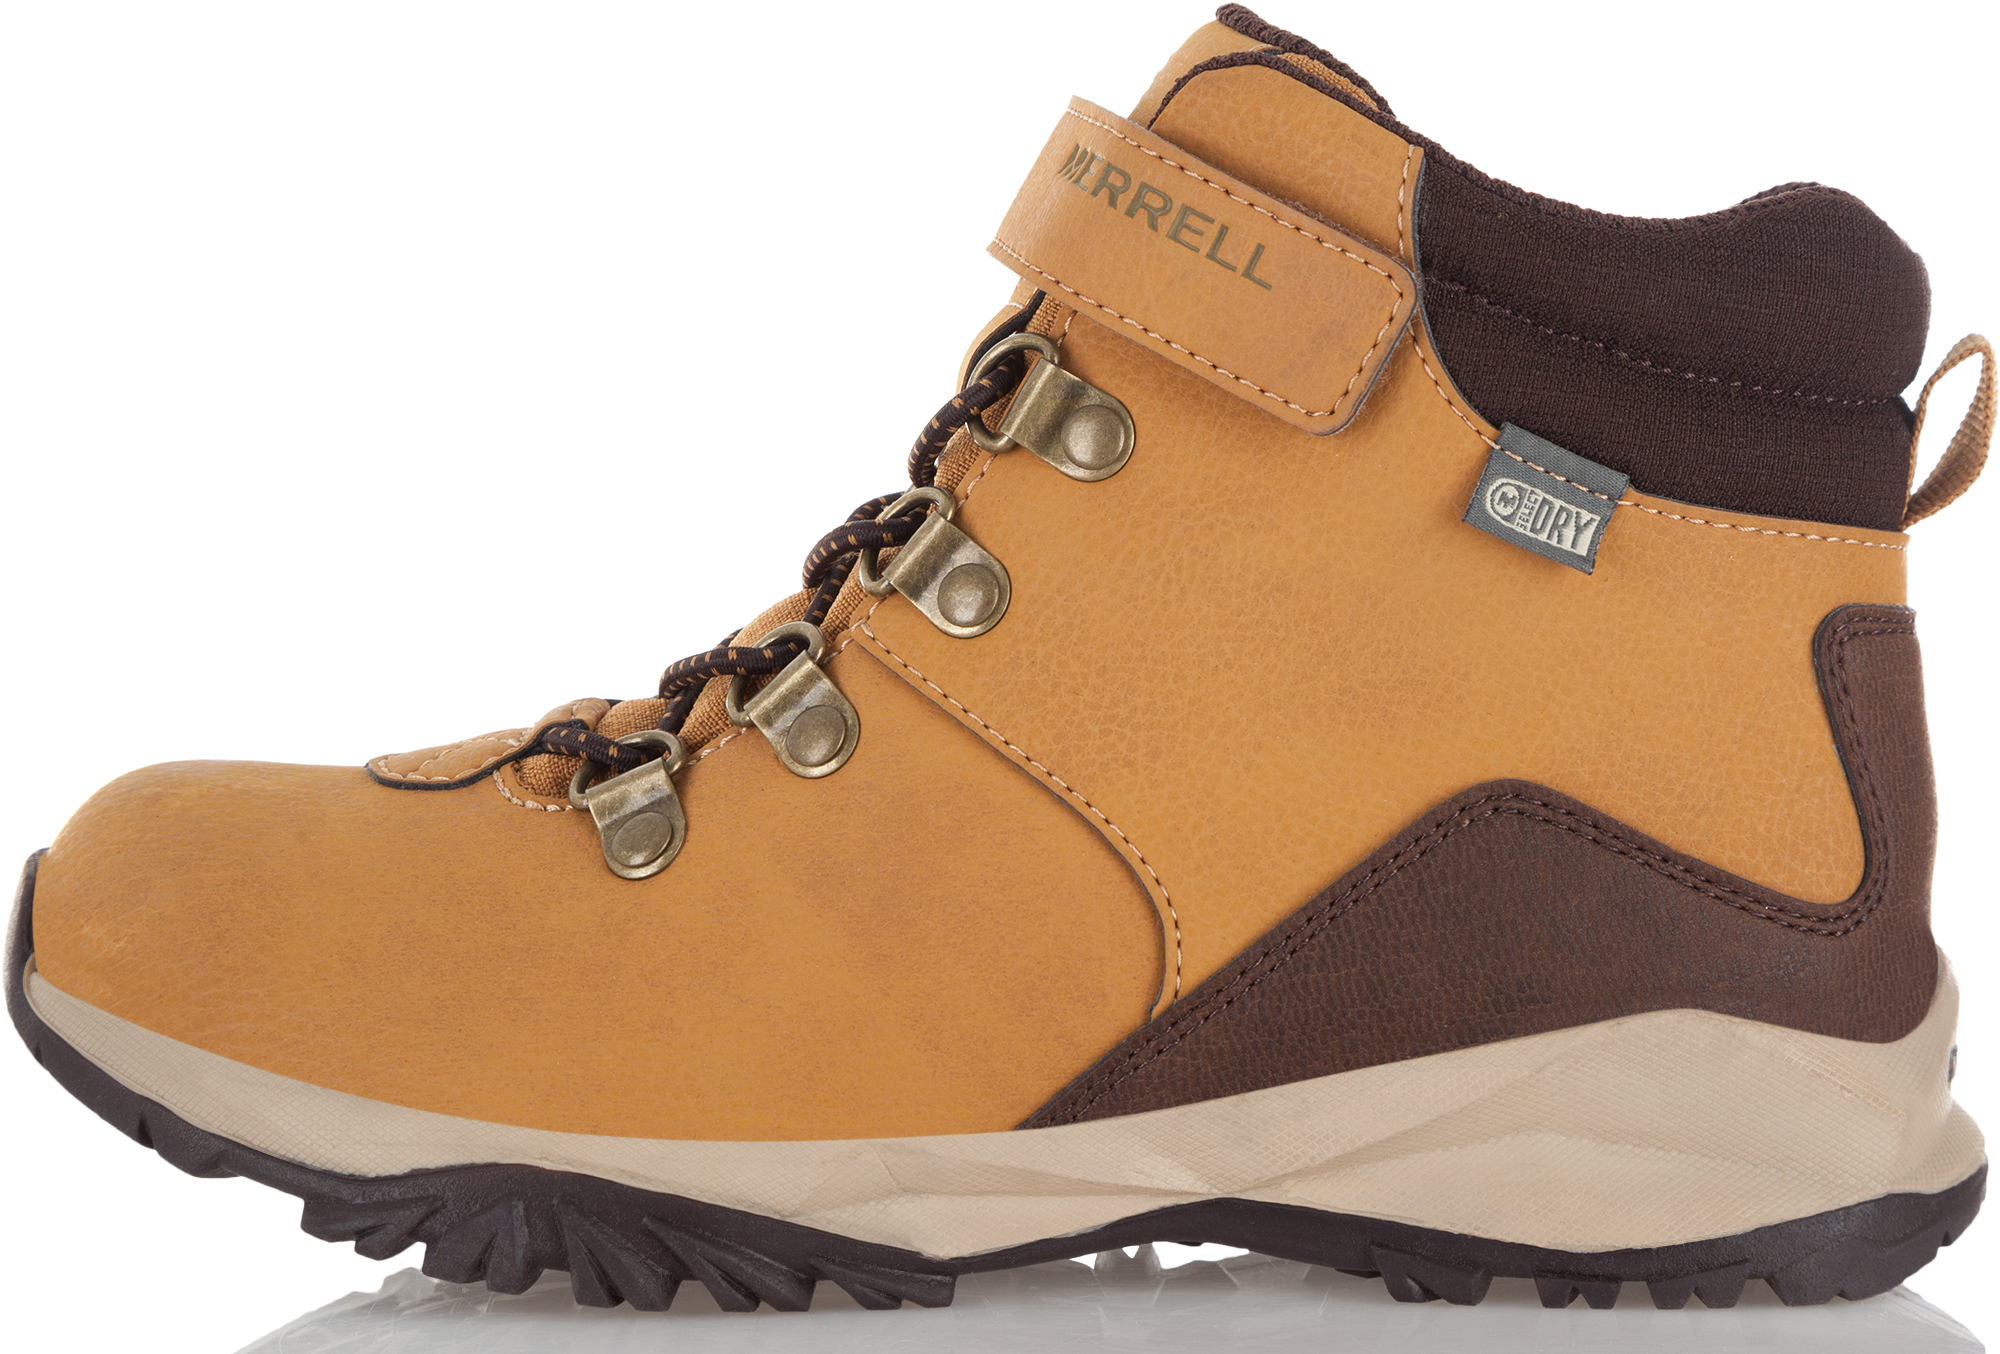 Merrell Ботинки детские Merrell Ml-Boys Alpine Casual Boot Wtr, размер 40,5 цены онлайн